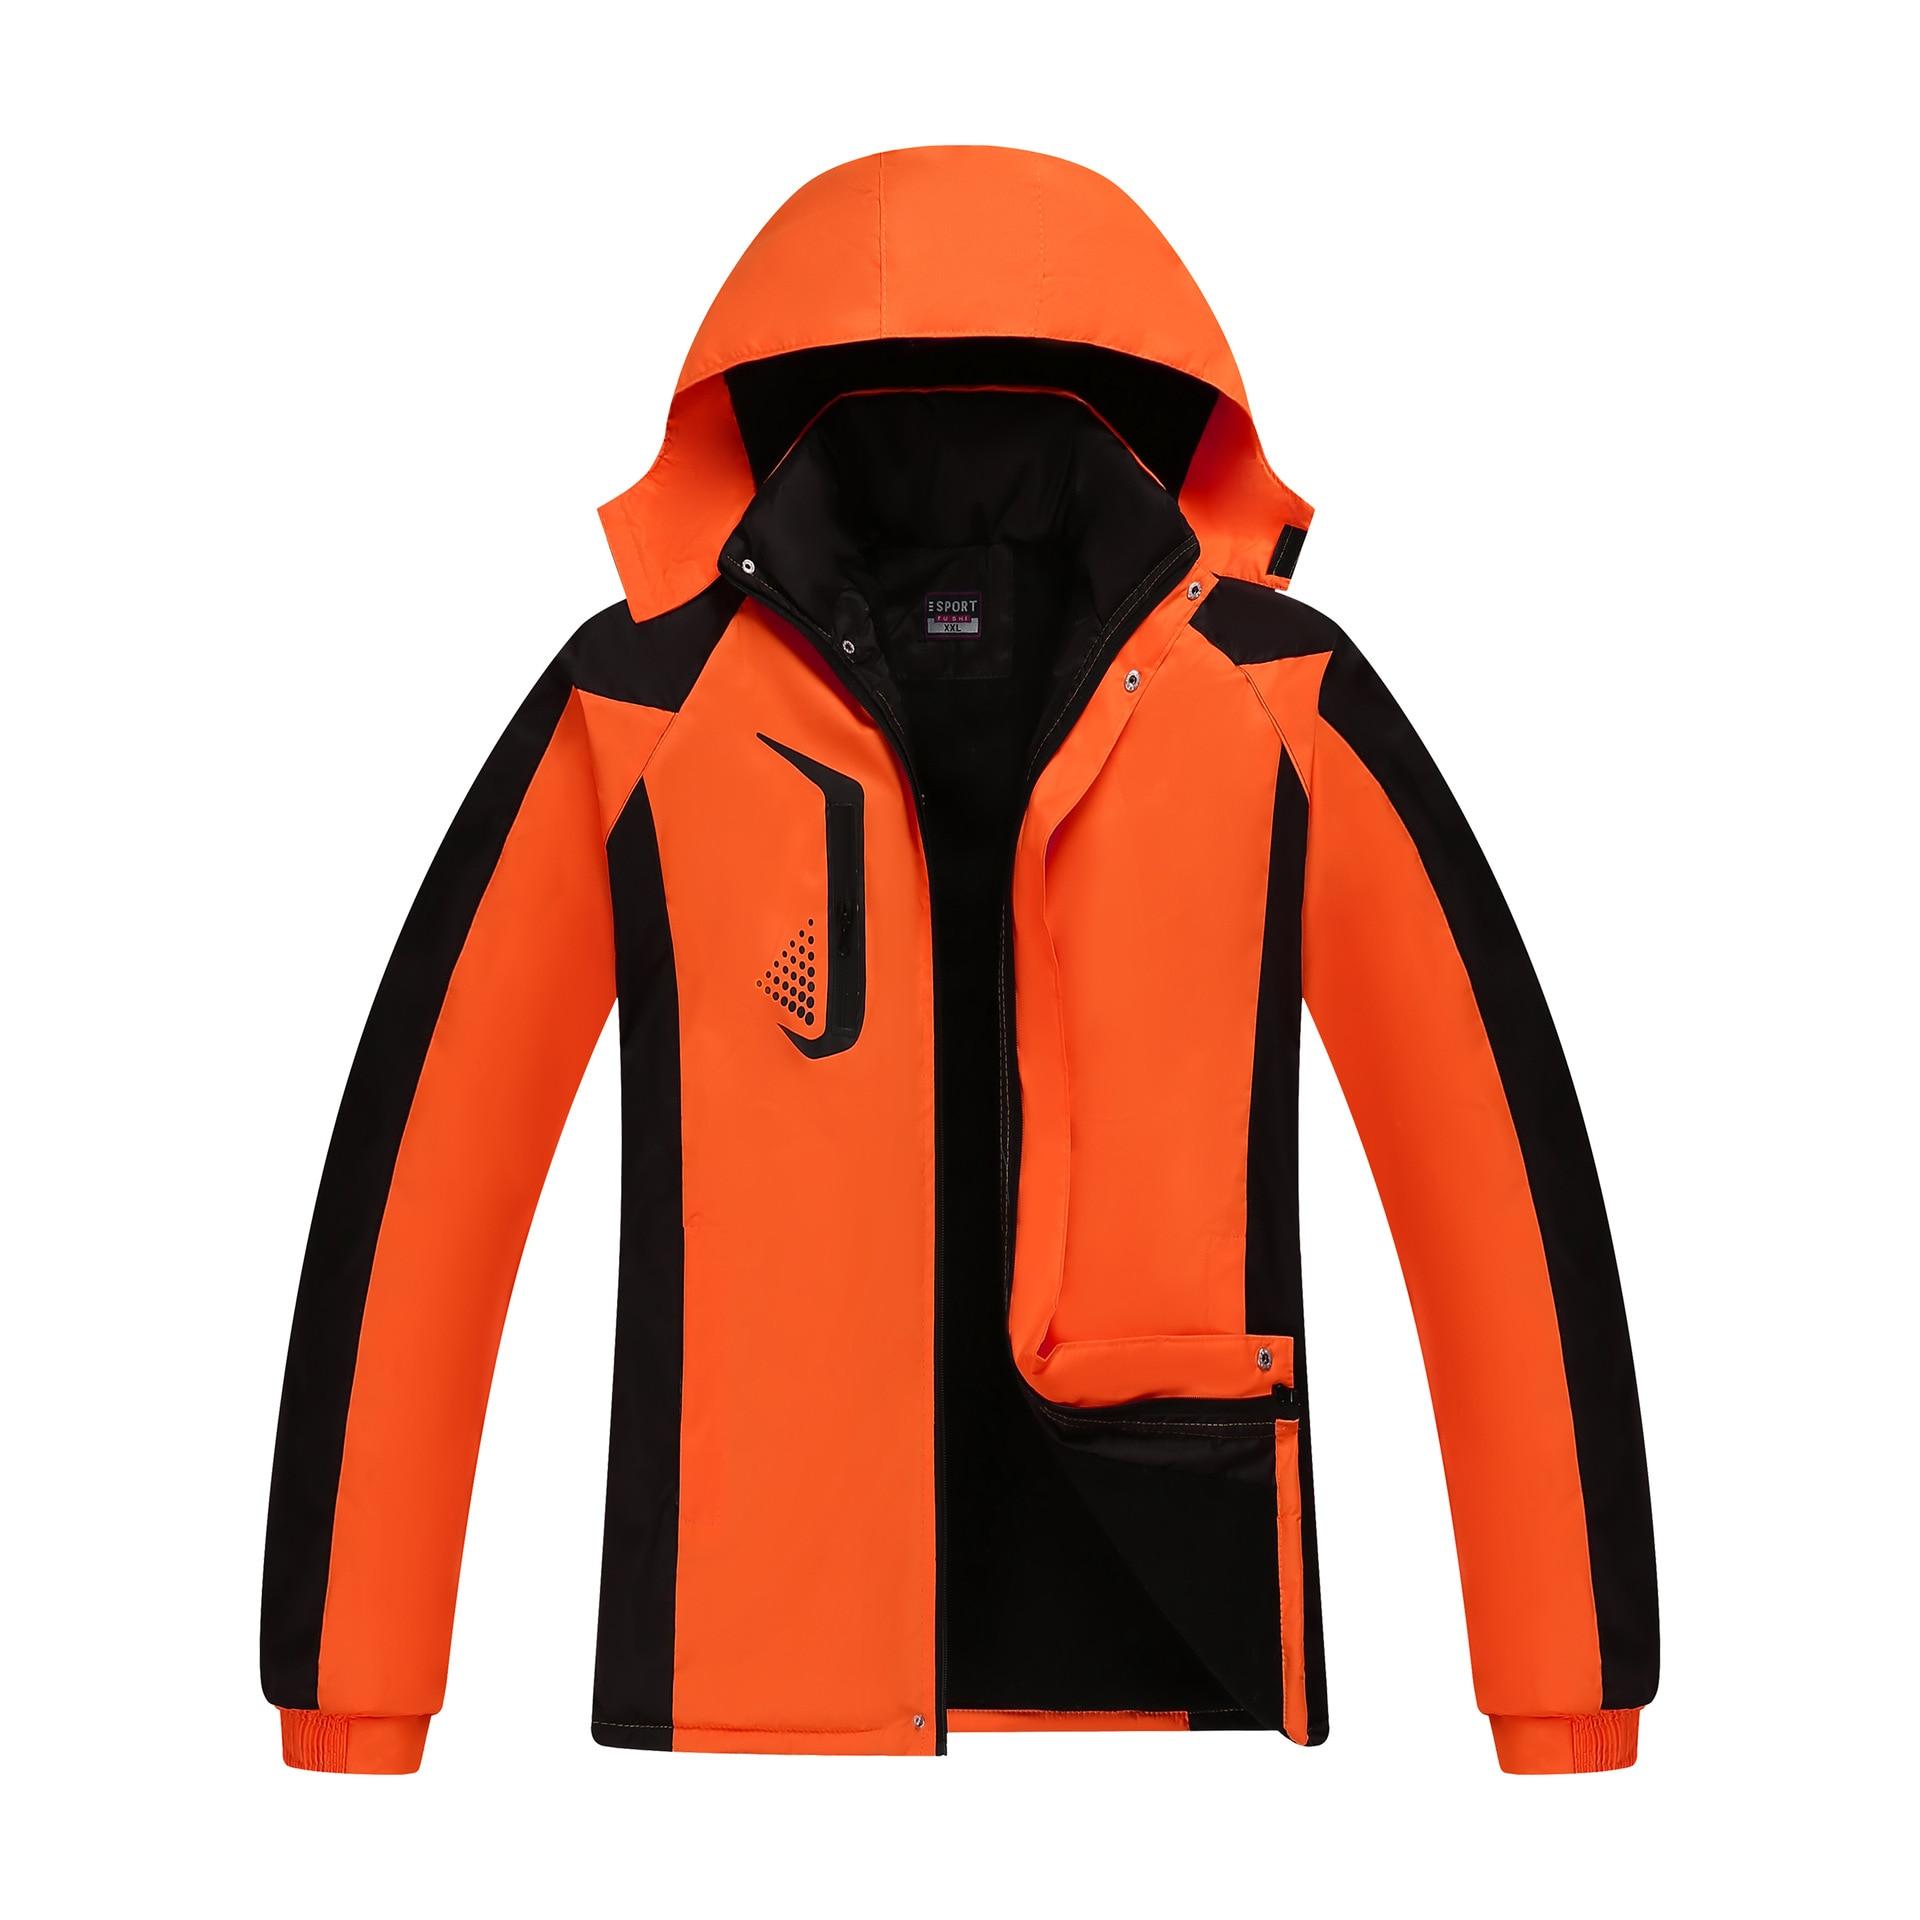 معطف واق من المطر ، سترة رياضية خارجية ، قميص إعلاني ، مخمل سميك ، ملابس مبطنة بالقطن كبيرة الحجم ، الخريف والشتاء